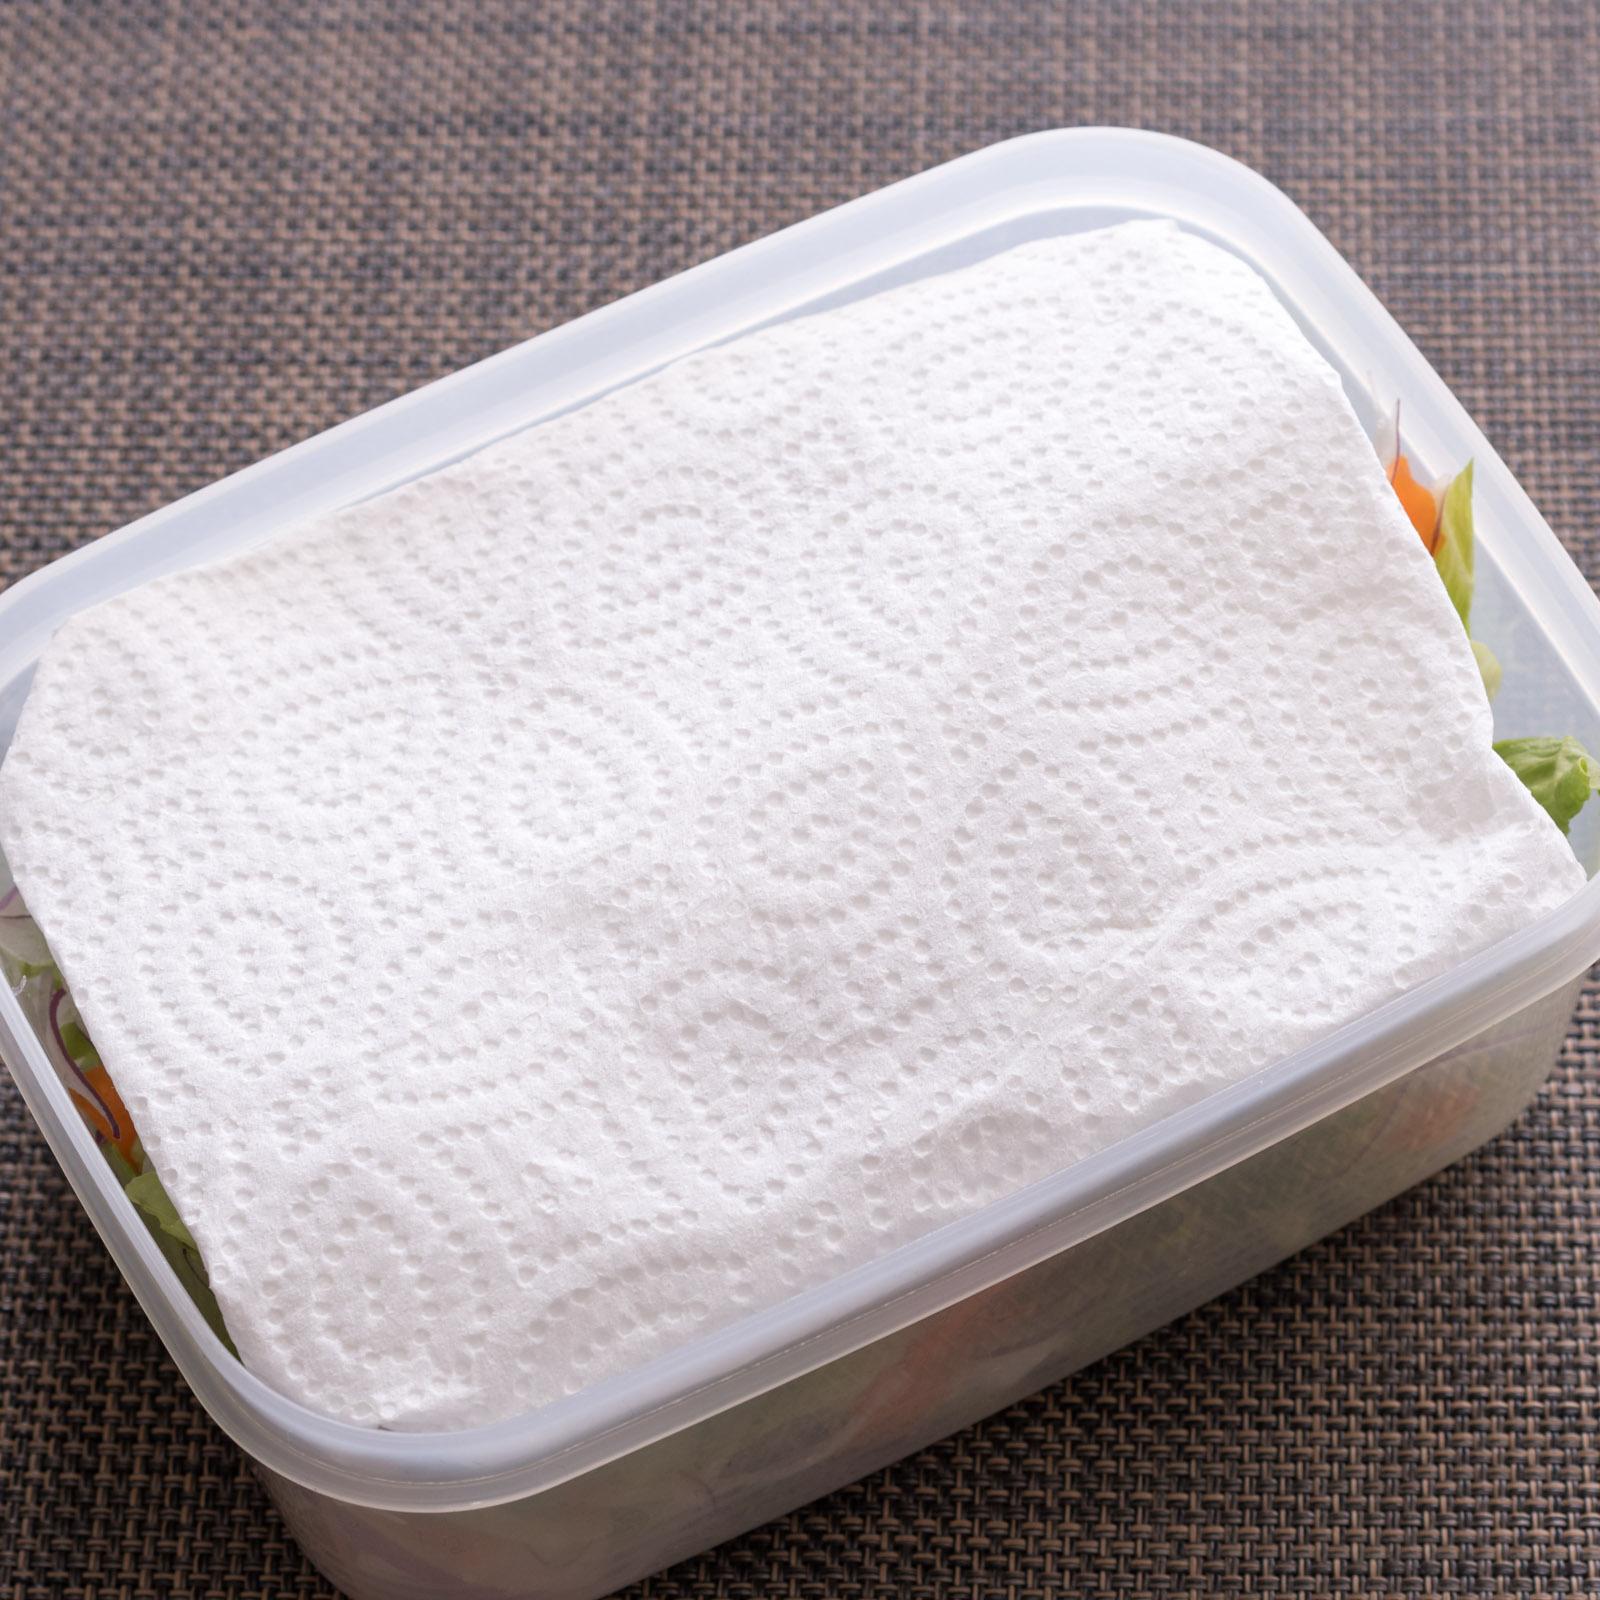 ペーパータオルを被せ冷蔵庫で保存 NIKON D500 + SIGAMA